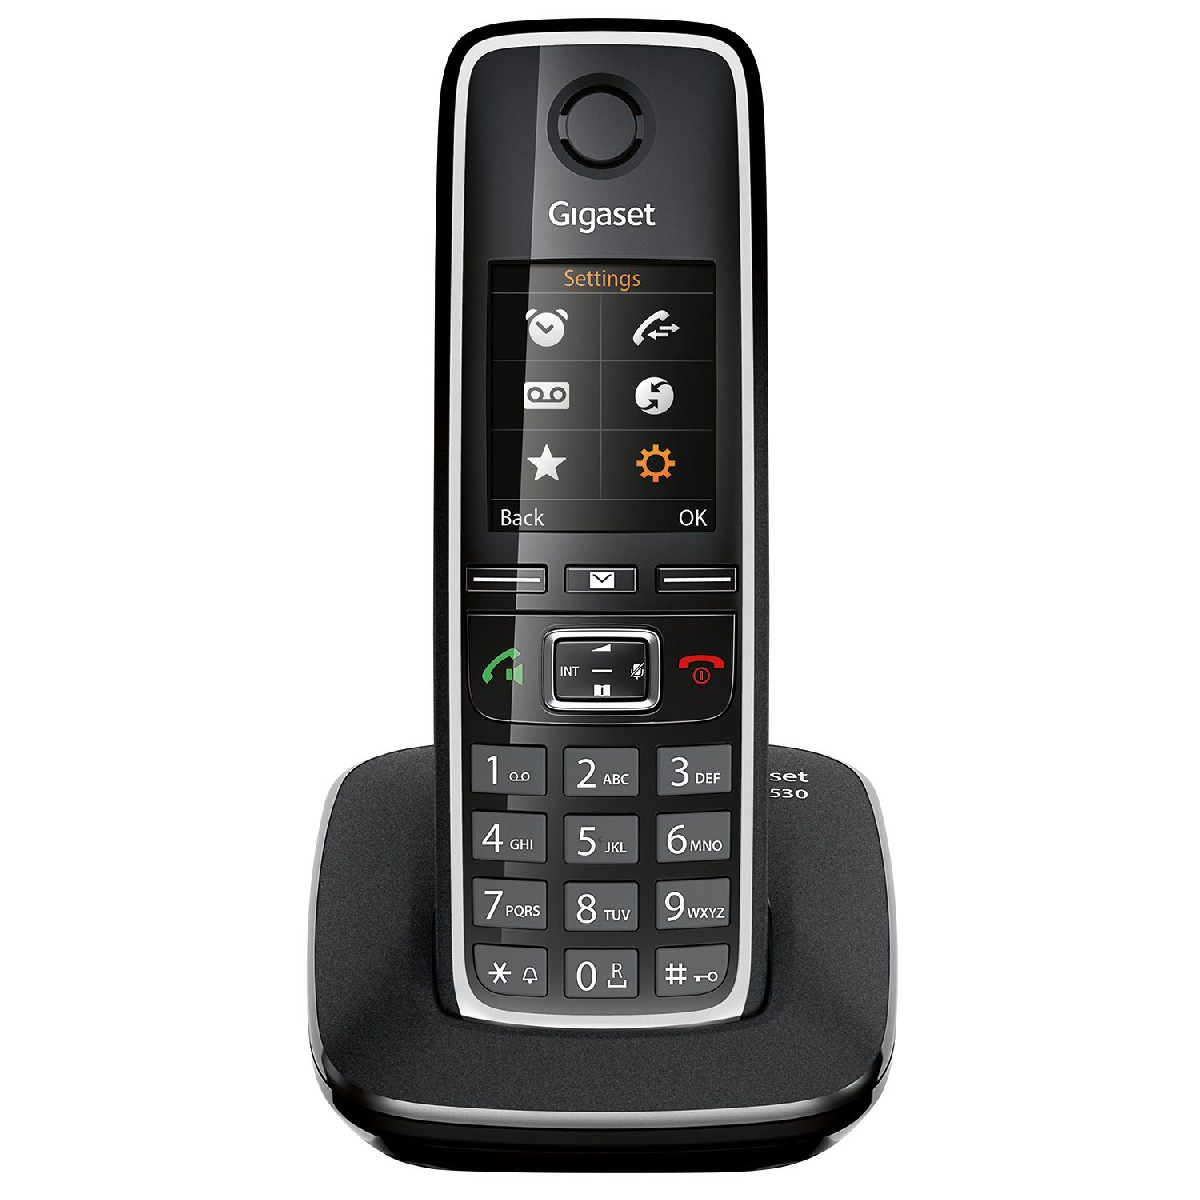 Ασύρματο Ψηφιακό Τηλέφωνο Gigaset C530 Μαύρο με Υποδοχή Hands Free 2.5mm και Κλιπ Ζώνης S30852-H2512-R601